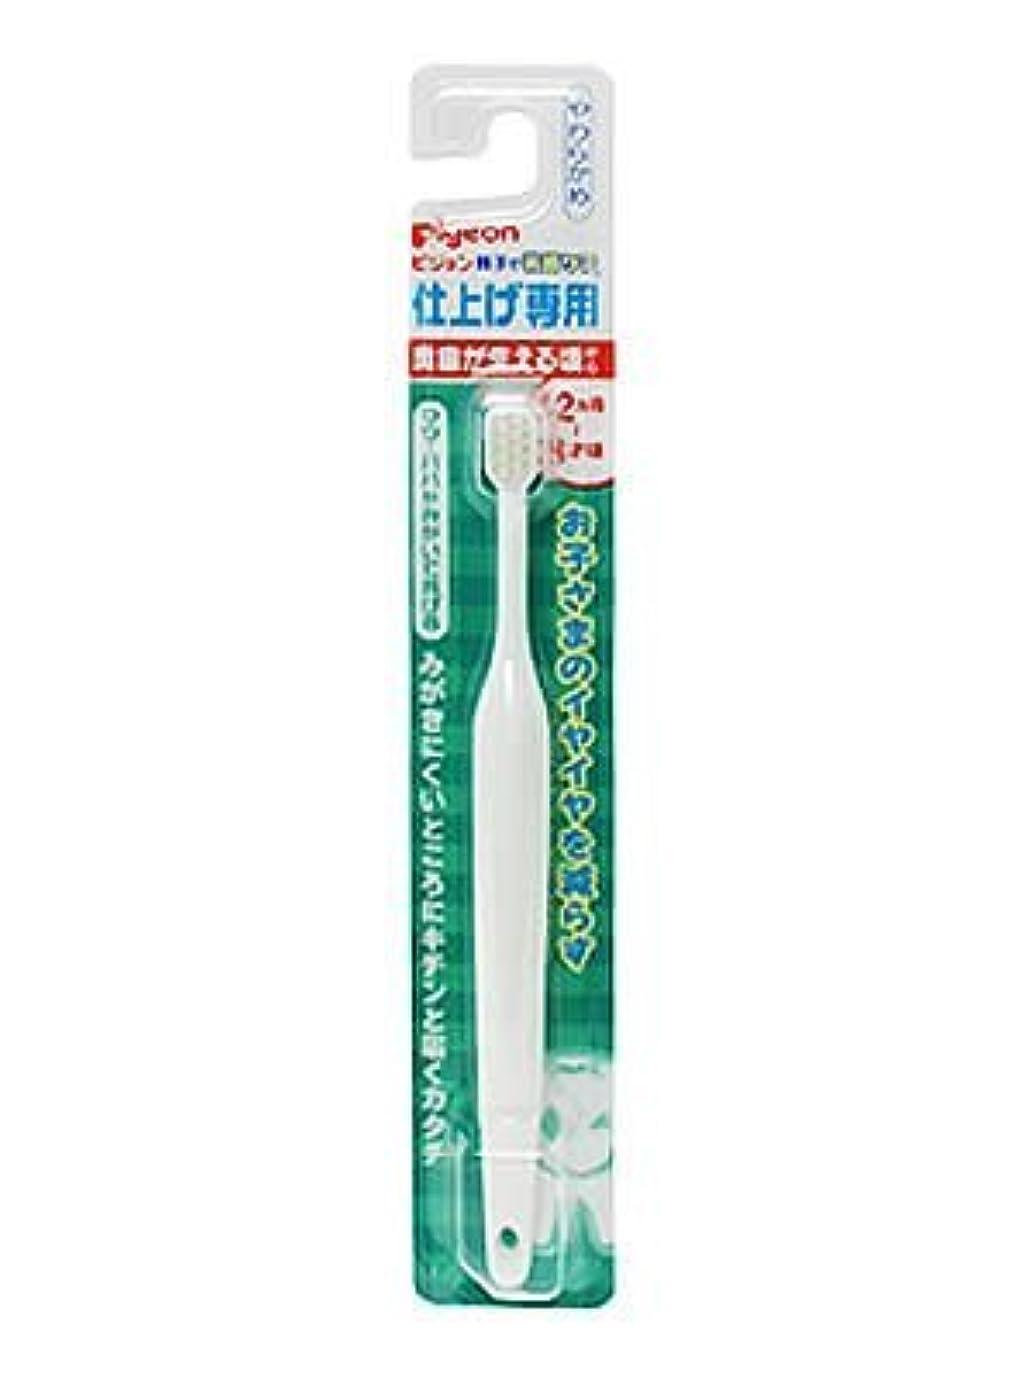 宇宙の気絶させる商標ピジョン 親子で乳歯ケア仕上げ専用 奥歯が生え始める頃から 12ヵ月-3才 ×5個セット